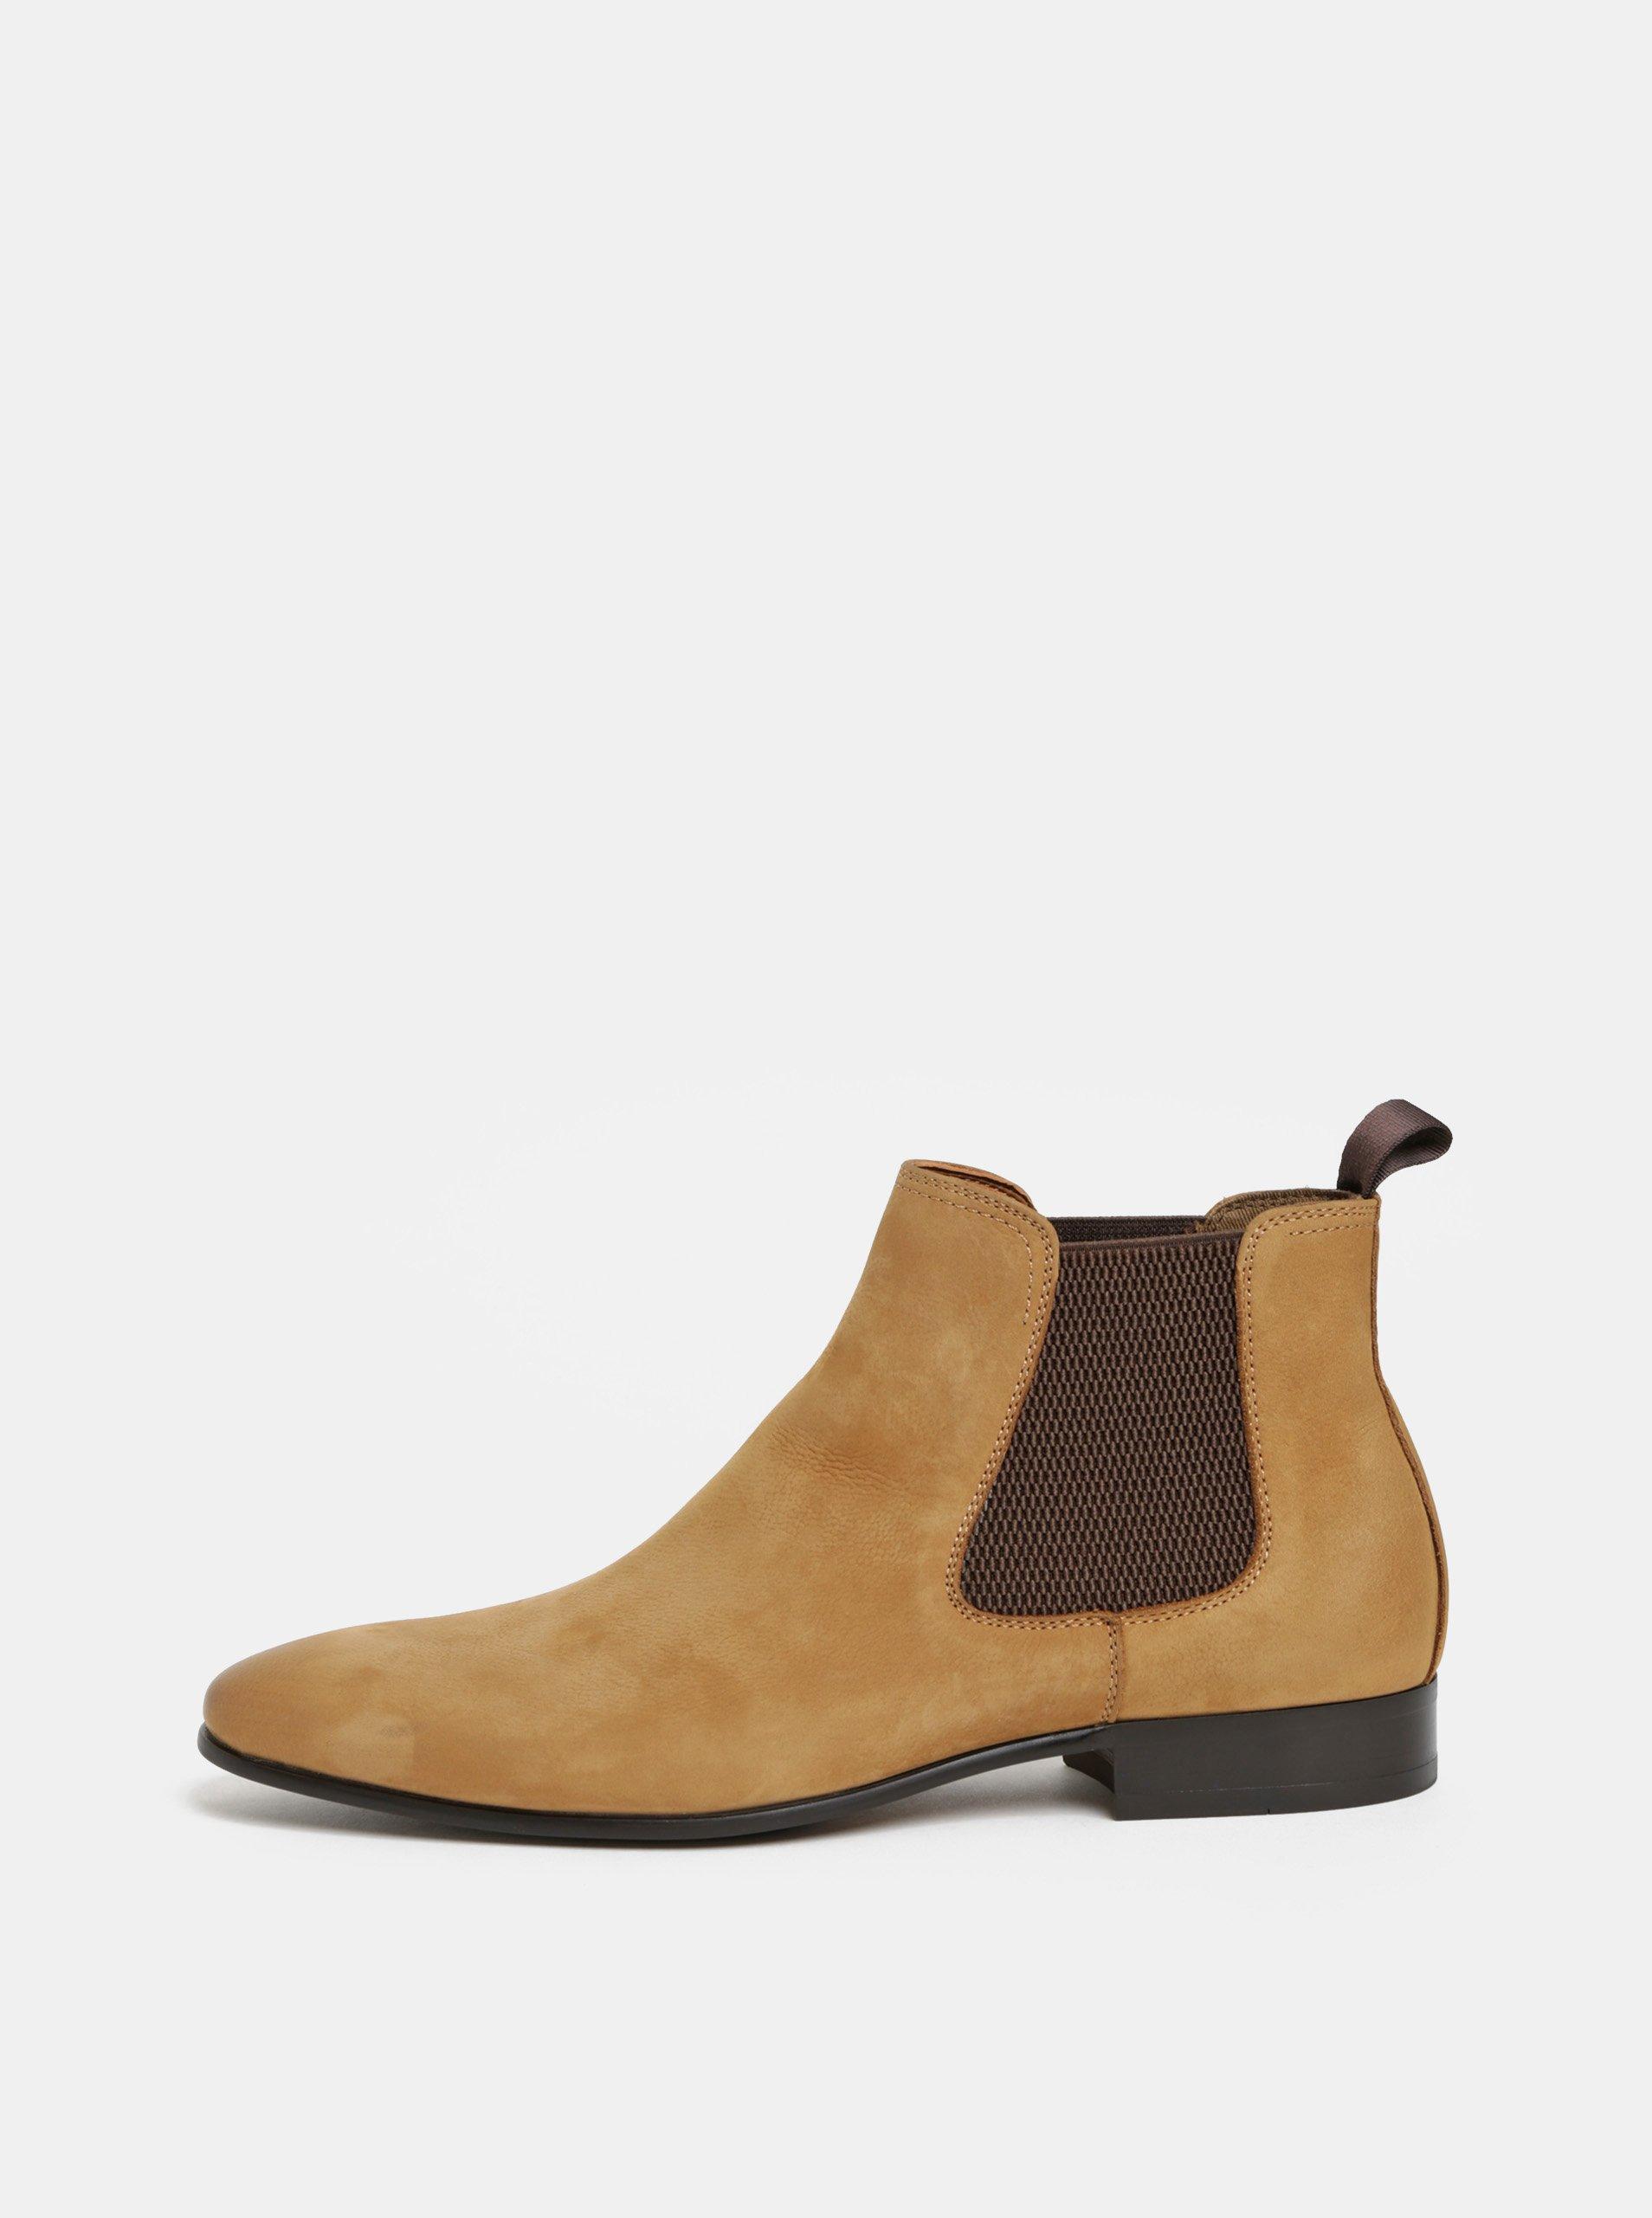 Hnedé pánske kožené chelsea topánky ALDO Chenadien 19a327bf766